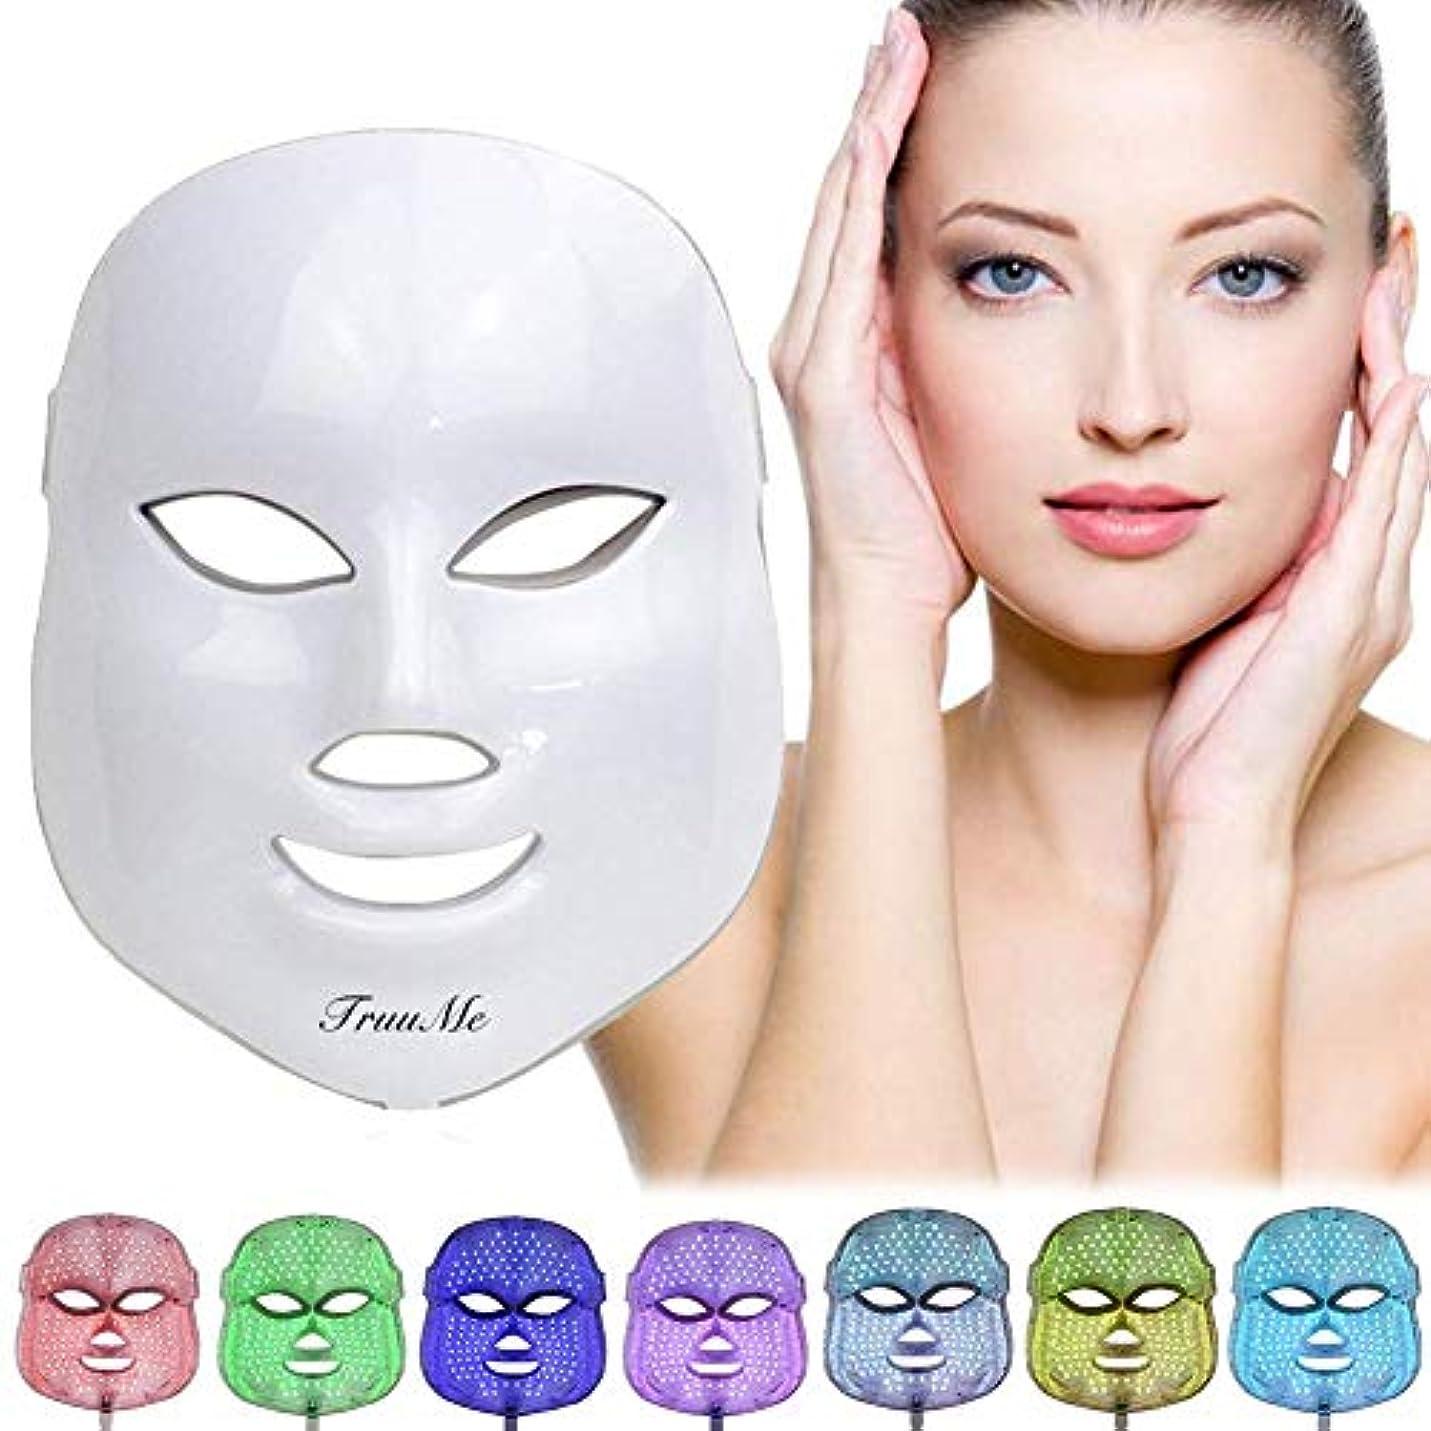 傀儡規制する同意するLEDフェイスマスク、ライトセラピーニキビマスク、LEDフェイシャルマスク、光線療法マスク、LEDエレクトリックフェイシャルマスク、7色光治療、ニキビ治療用マスク、斑点、にきび、皮膚のシミ